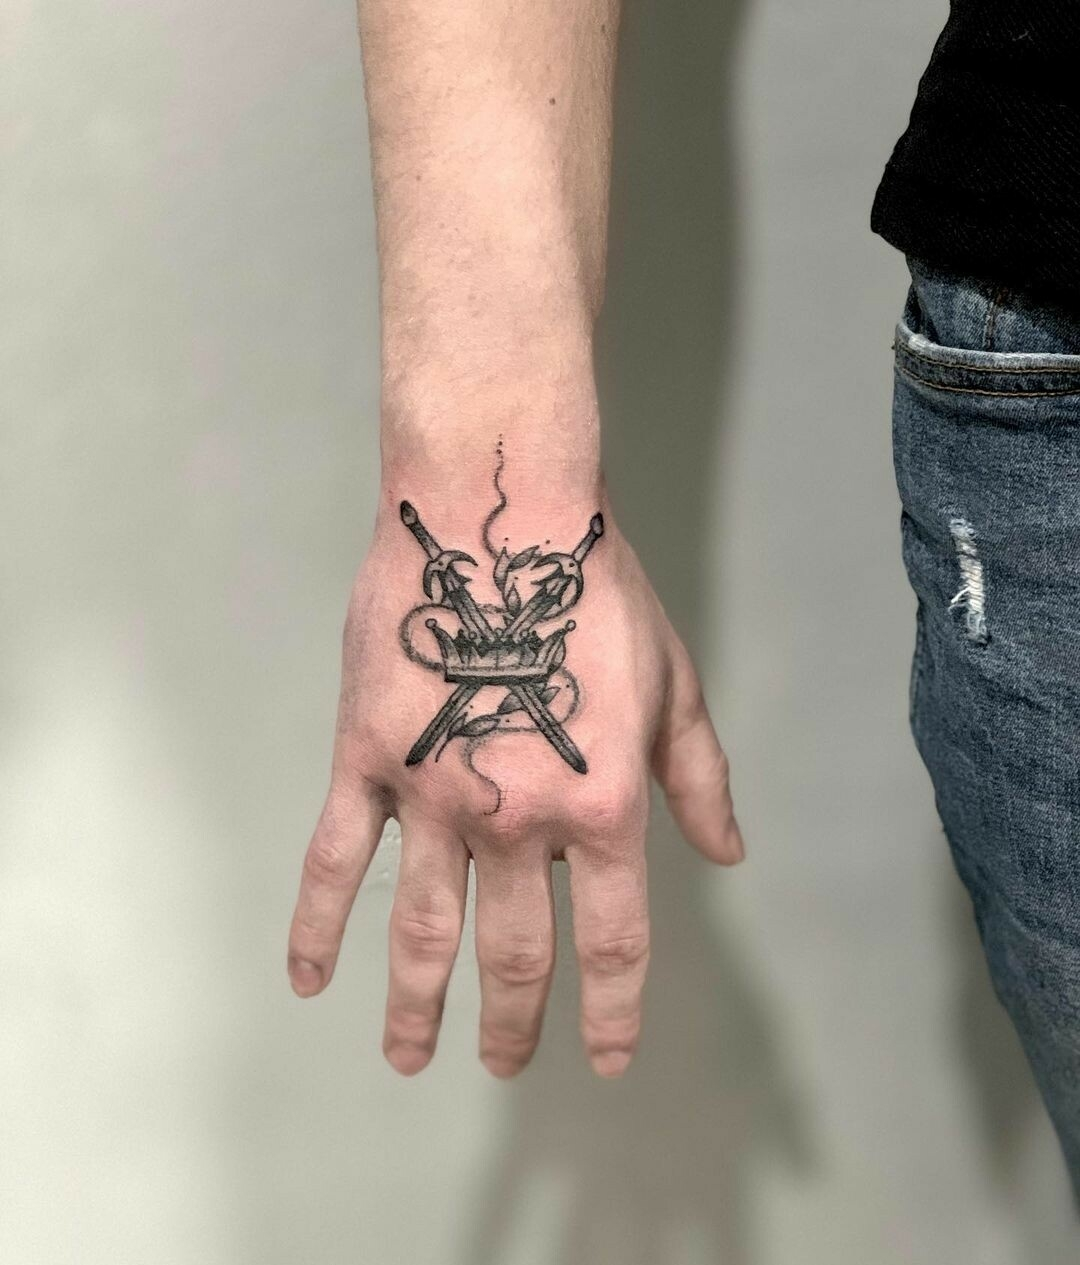 Inksearch tattoo La Cosa Nostra Tattoo & Piercing